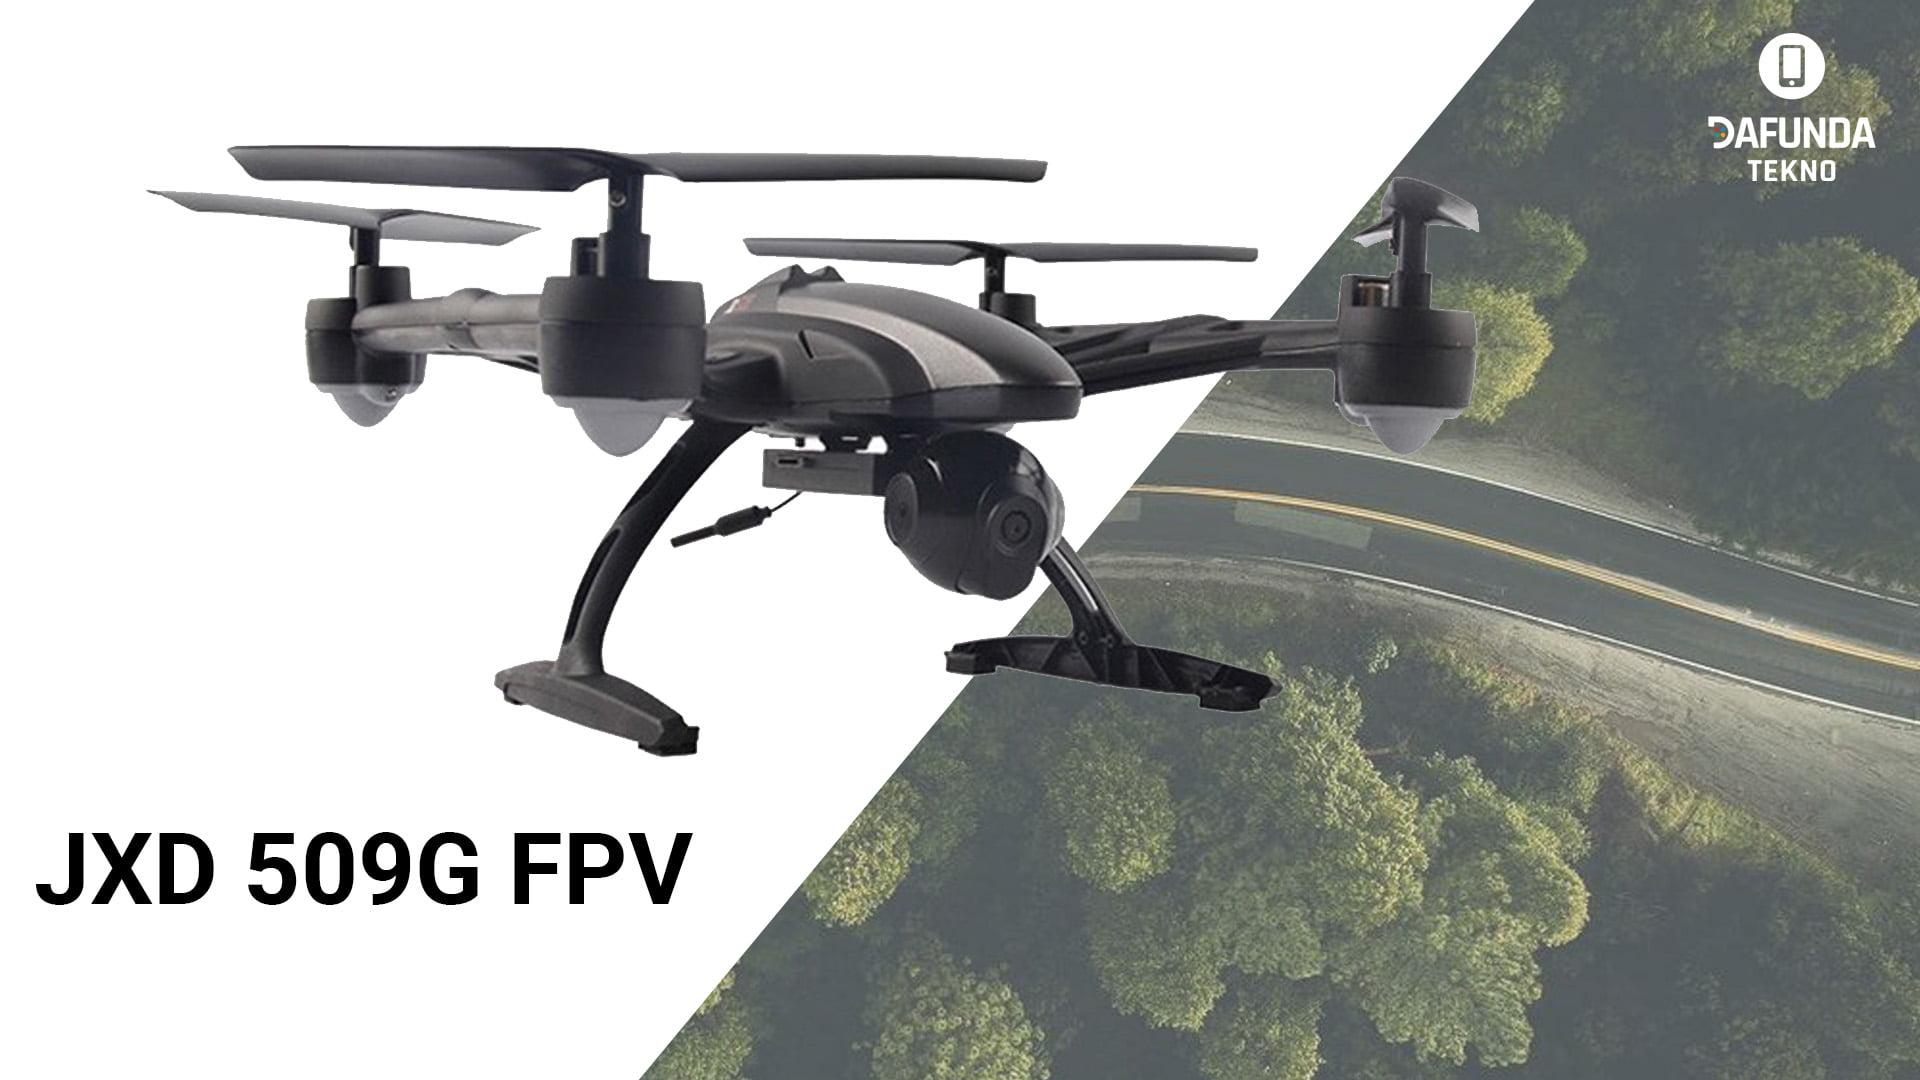 Drone Murah Terbaik Harga dibawah 2 Jutaan Jxd 509g Fpv 1